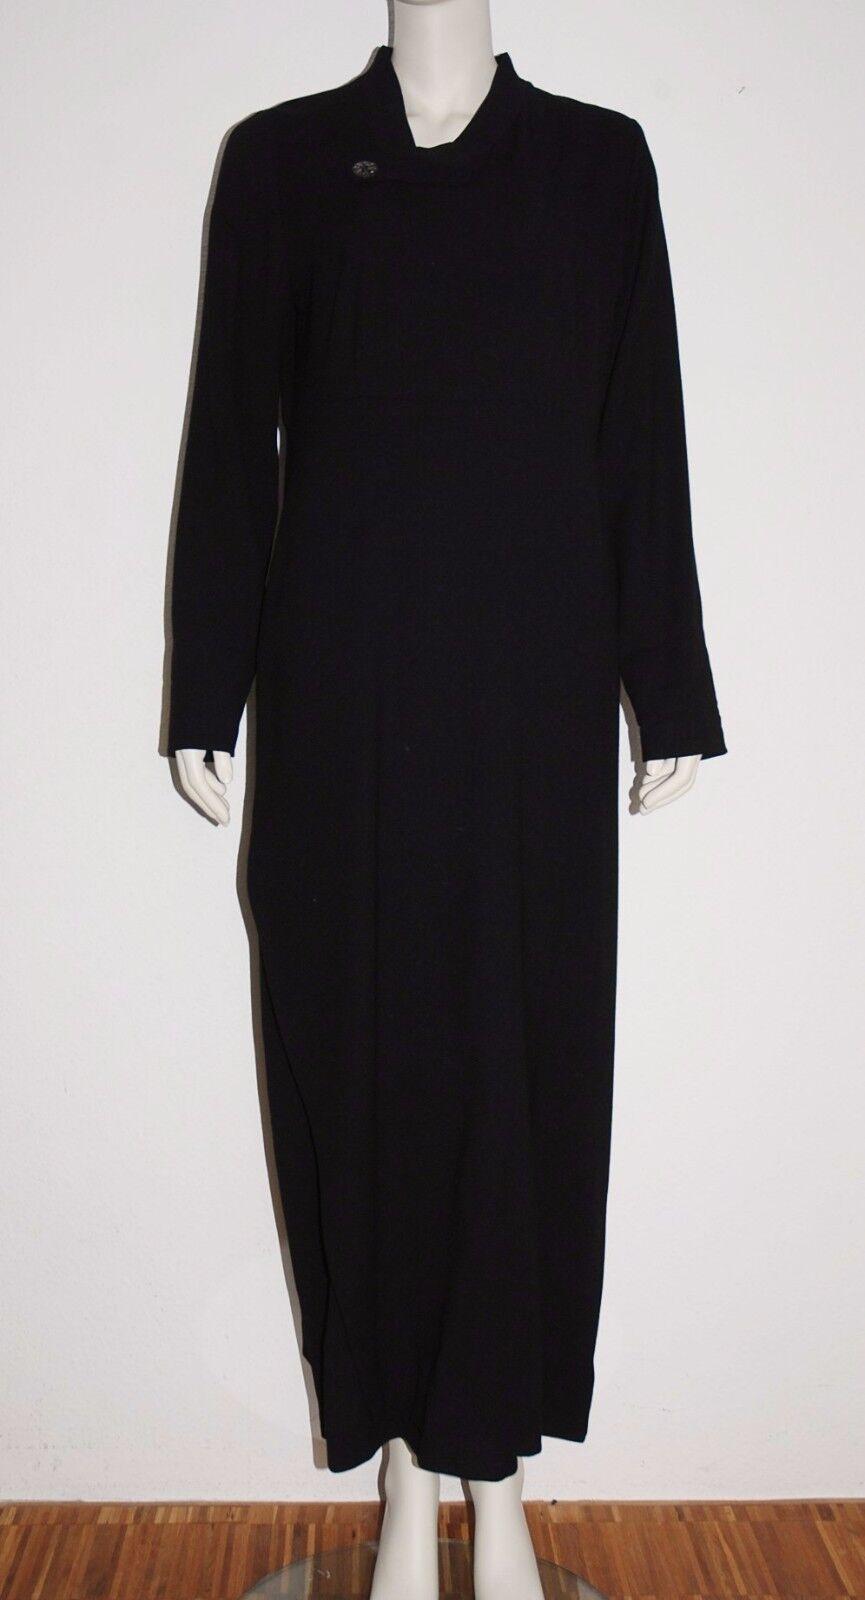 MORITZ by THANH MINH  fast bodenlanges Kleid Schwarz  Designer Robe  M